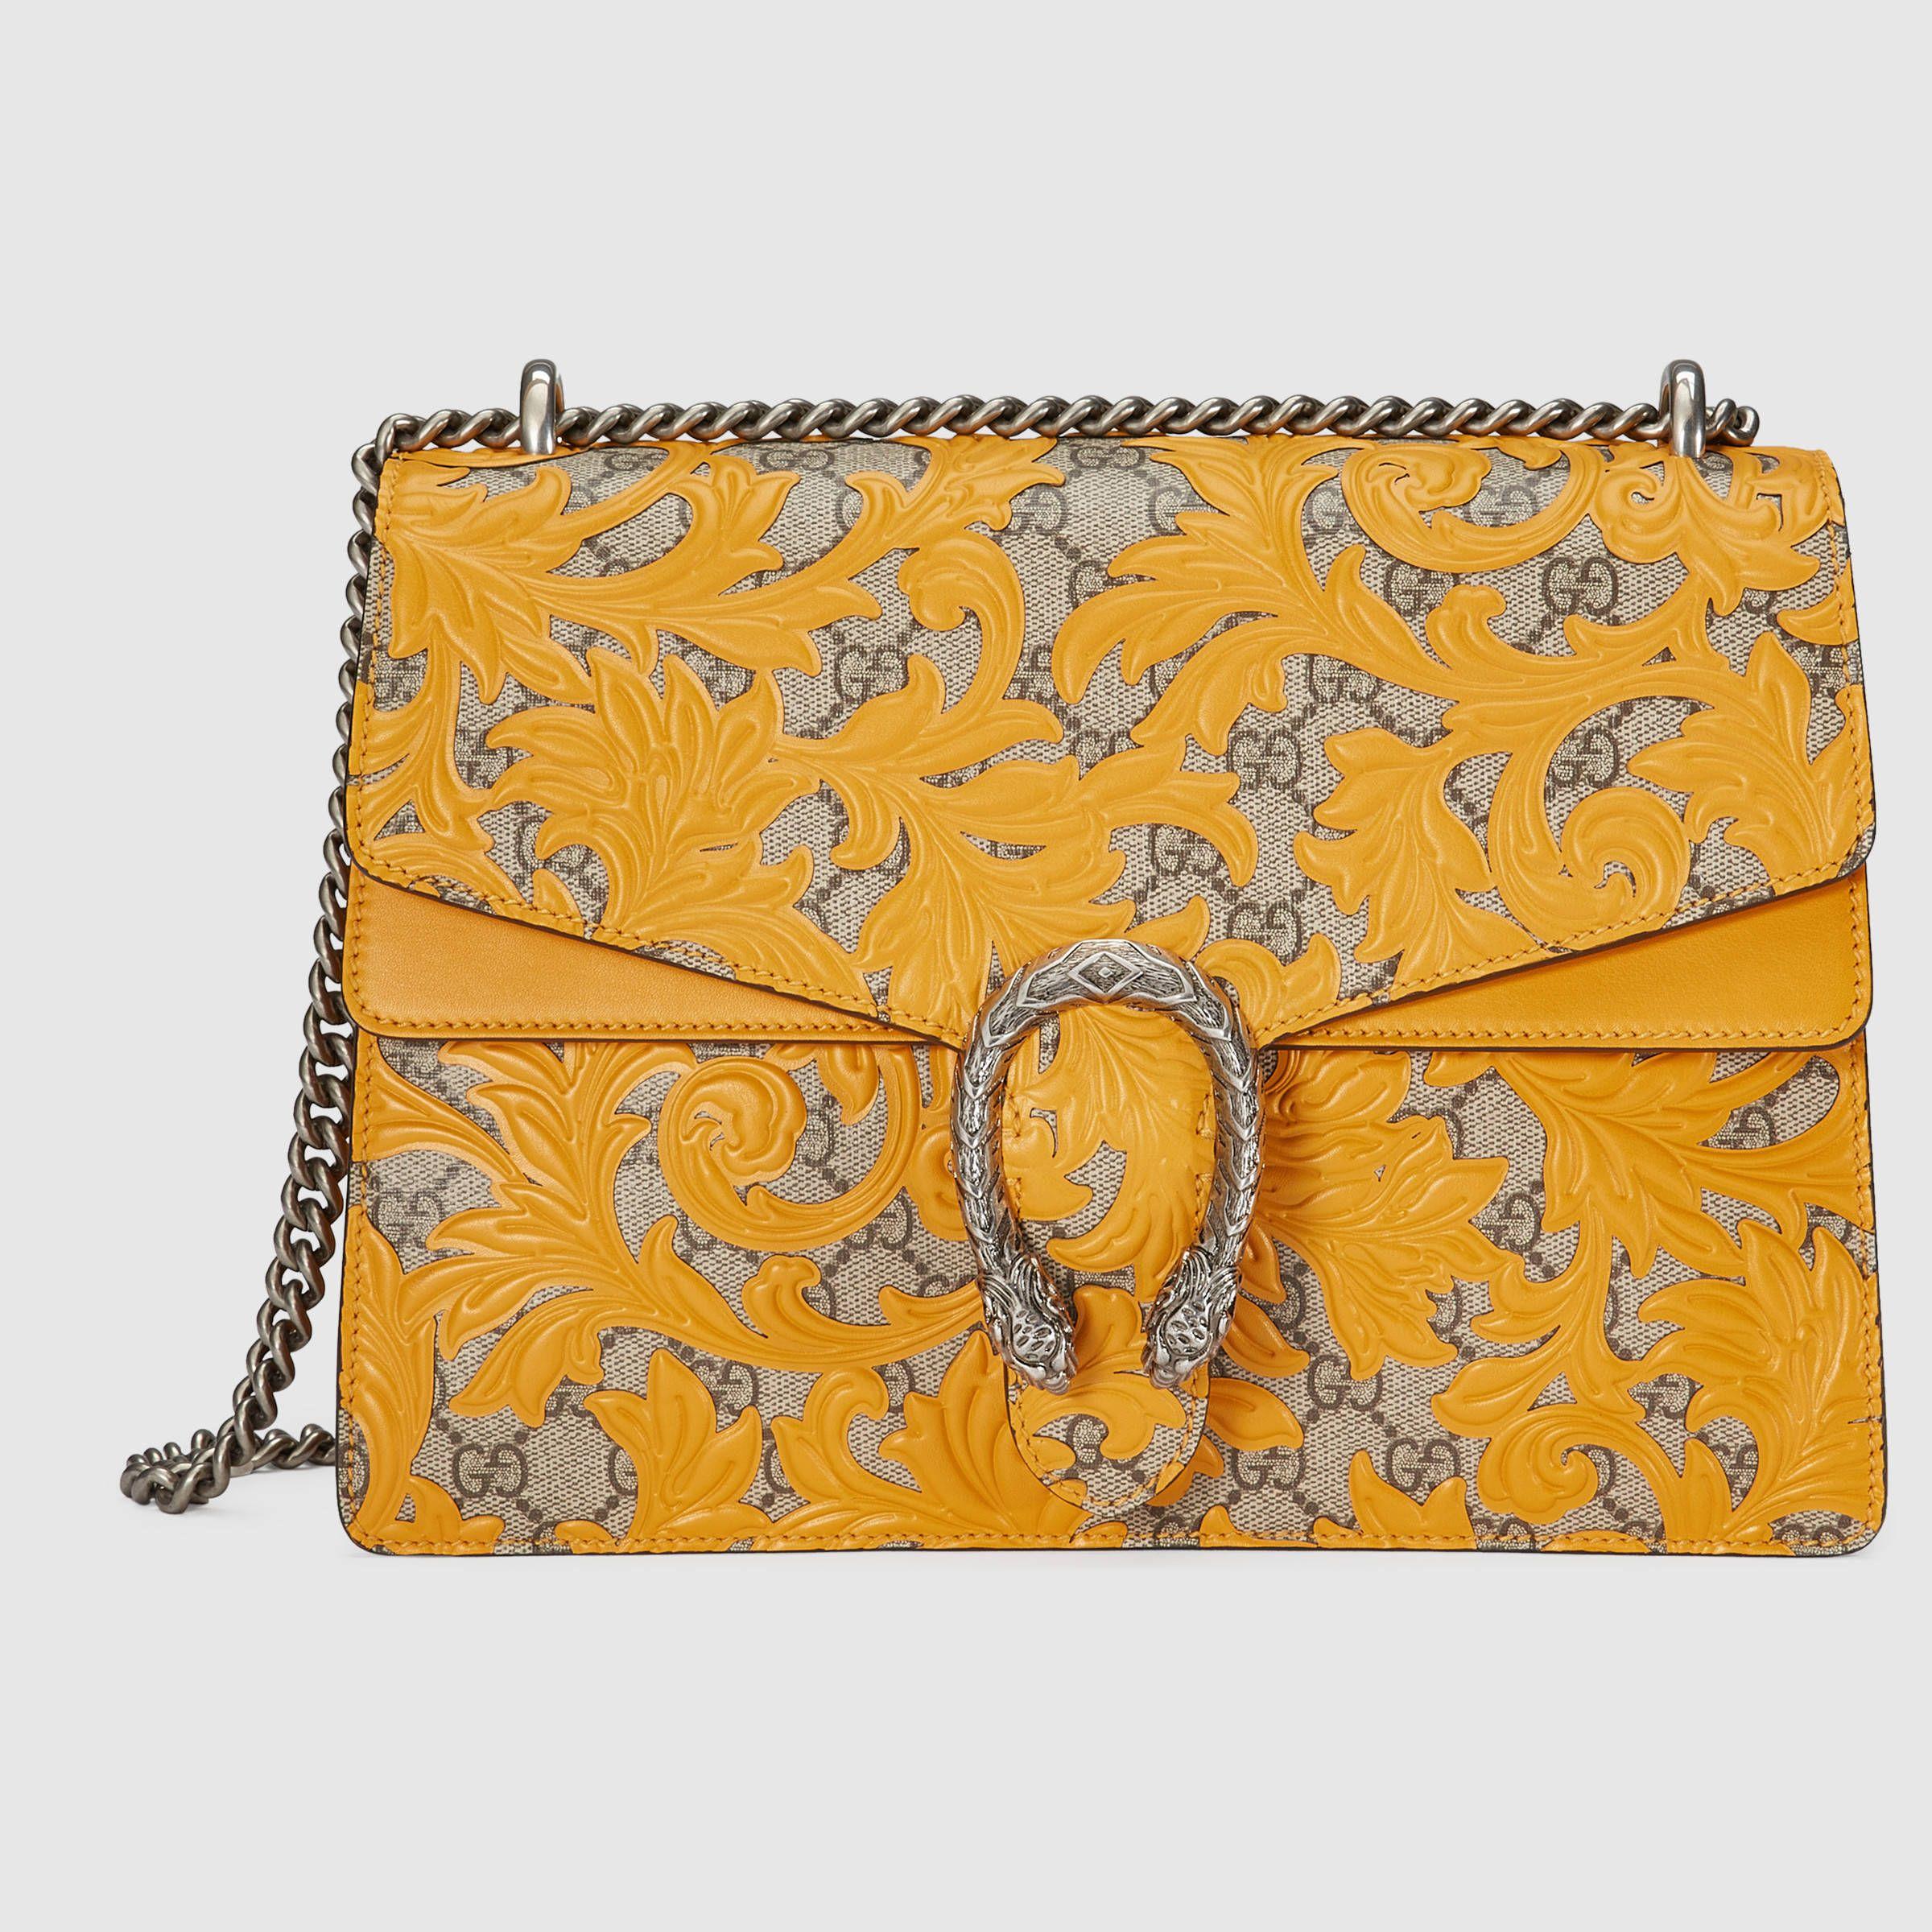 Dionysus small crystal shoulder bag - Yellow & Orange Gucci licJ2EQr